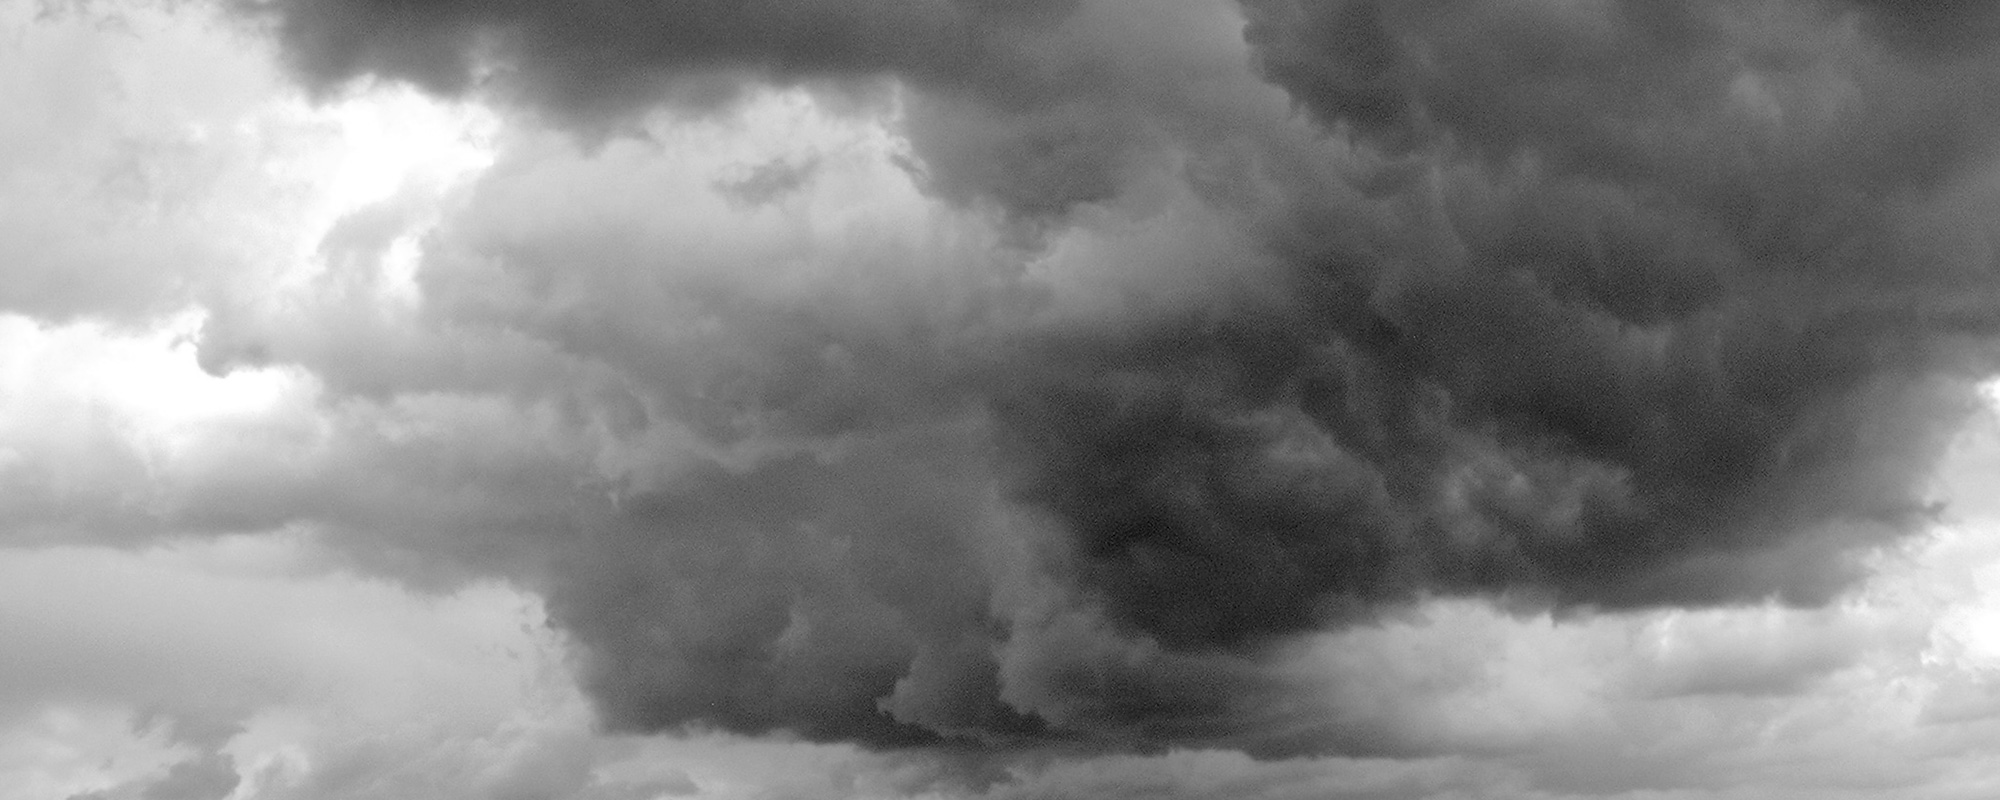 Angst | Ursachen | Folgen | Therapie im Zentrum für ganzheitliche Traumatherapie